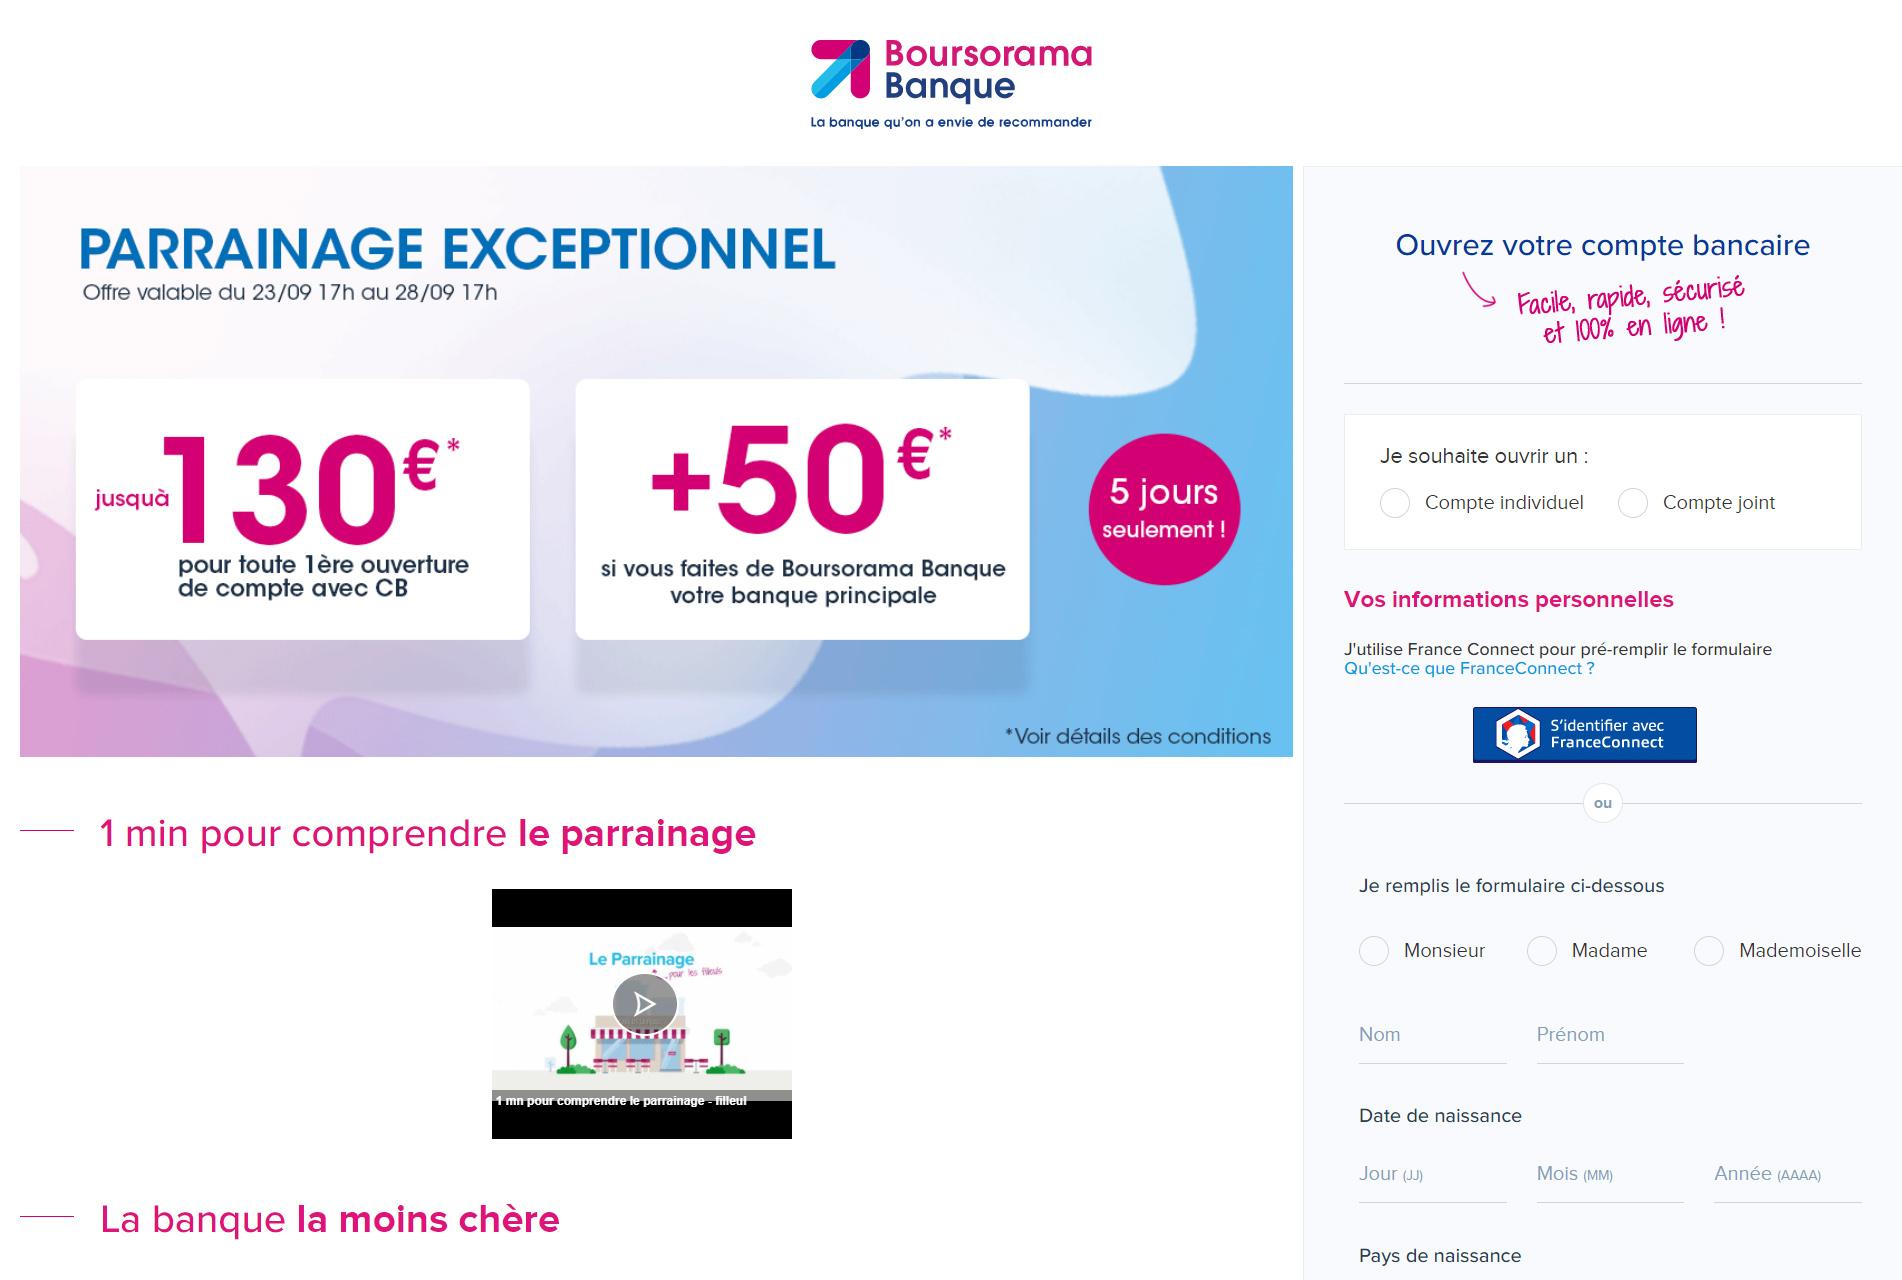 Offre de rentrée, jusqu'à 185€ de primes de parrainage Boursorama